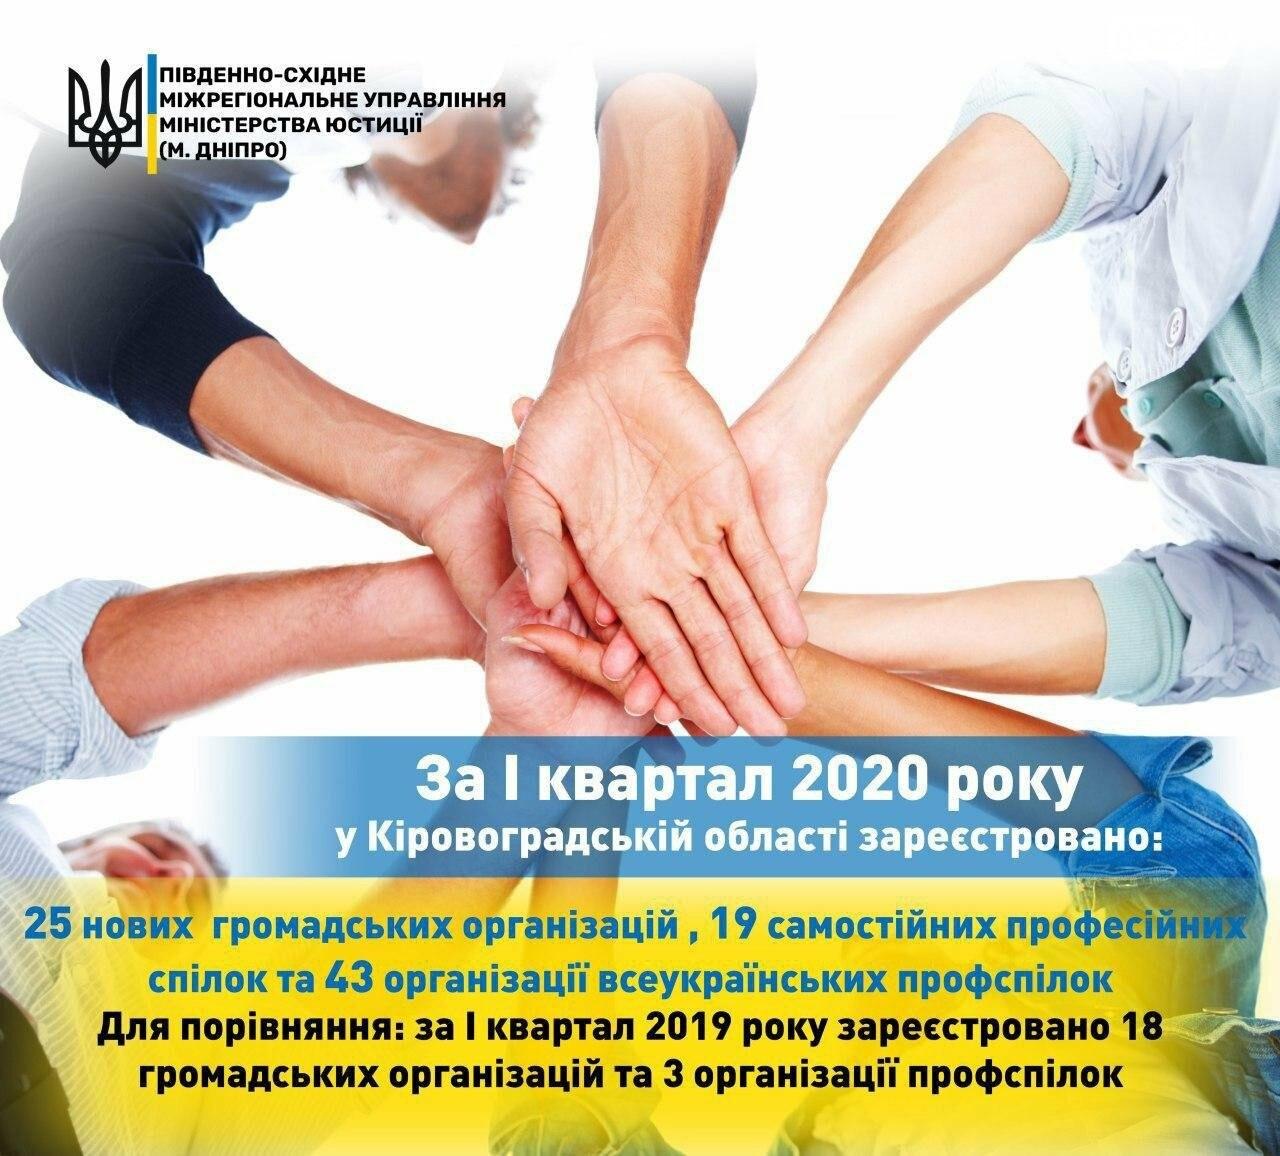 На Кіровоградщині активізували свою роботу громадськість та професійні спілки, фото-1